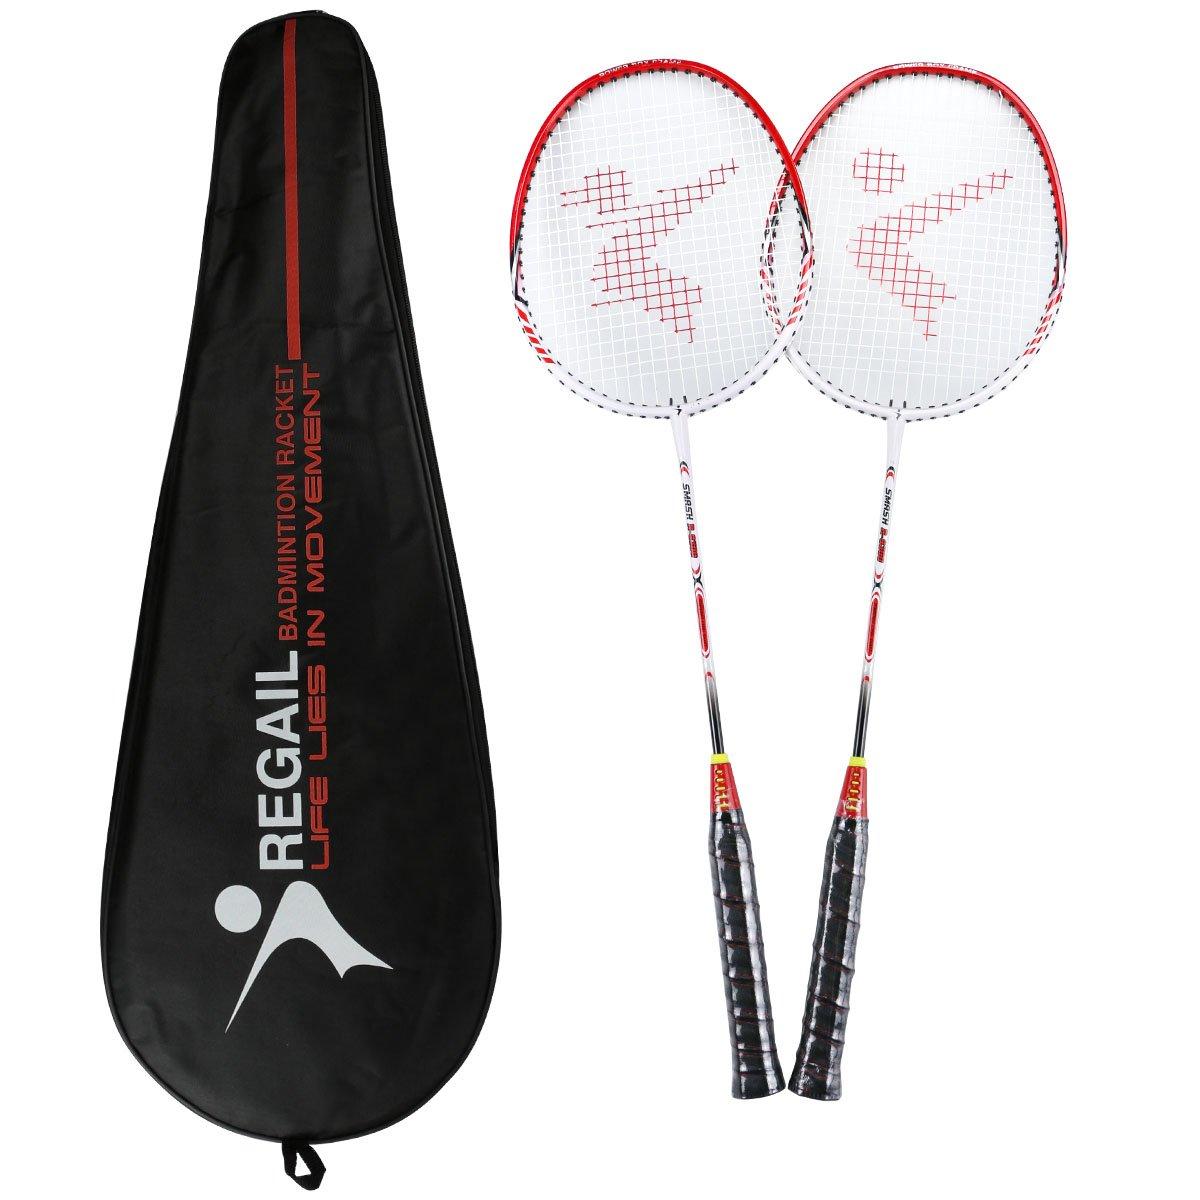 Pack de 2 raquetas de bádminton, raqueta ligera de bádminton con aleación de carbono deportiva, juego de raqueta de 2 raquetas para práctica de bádminton, que incluye 2 raquetas / 1 bolsa de transporte PhilonextOfficial